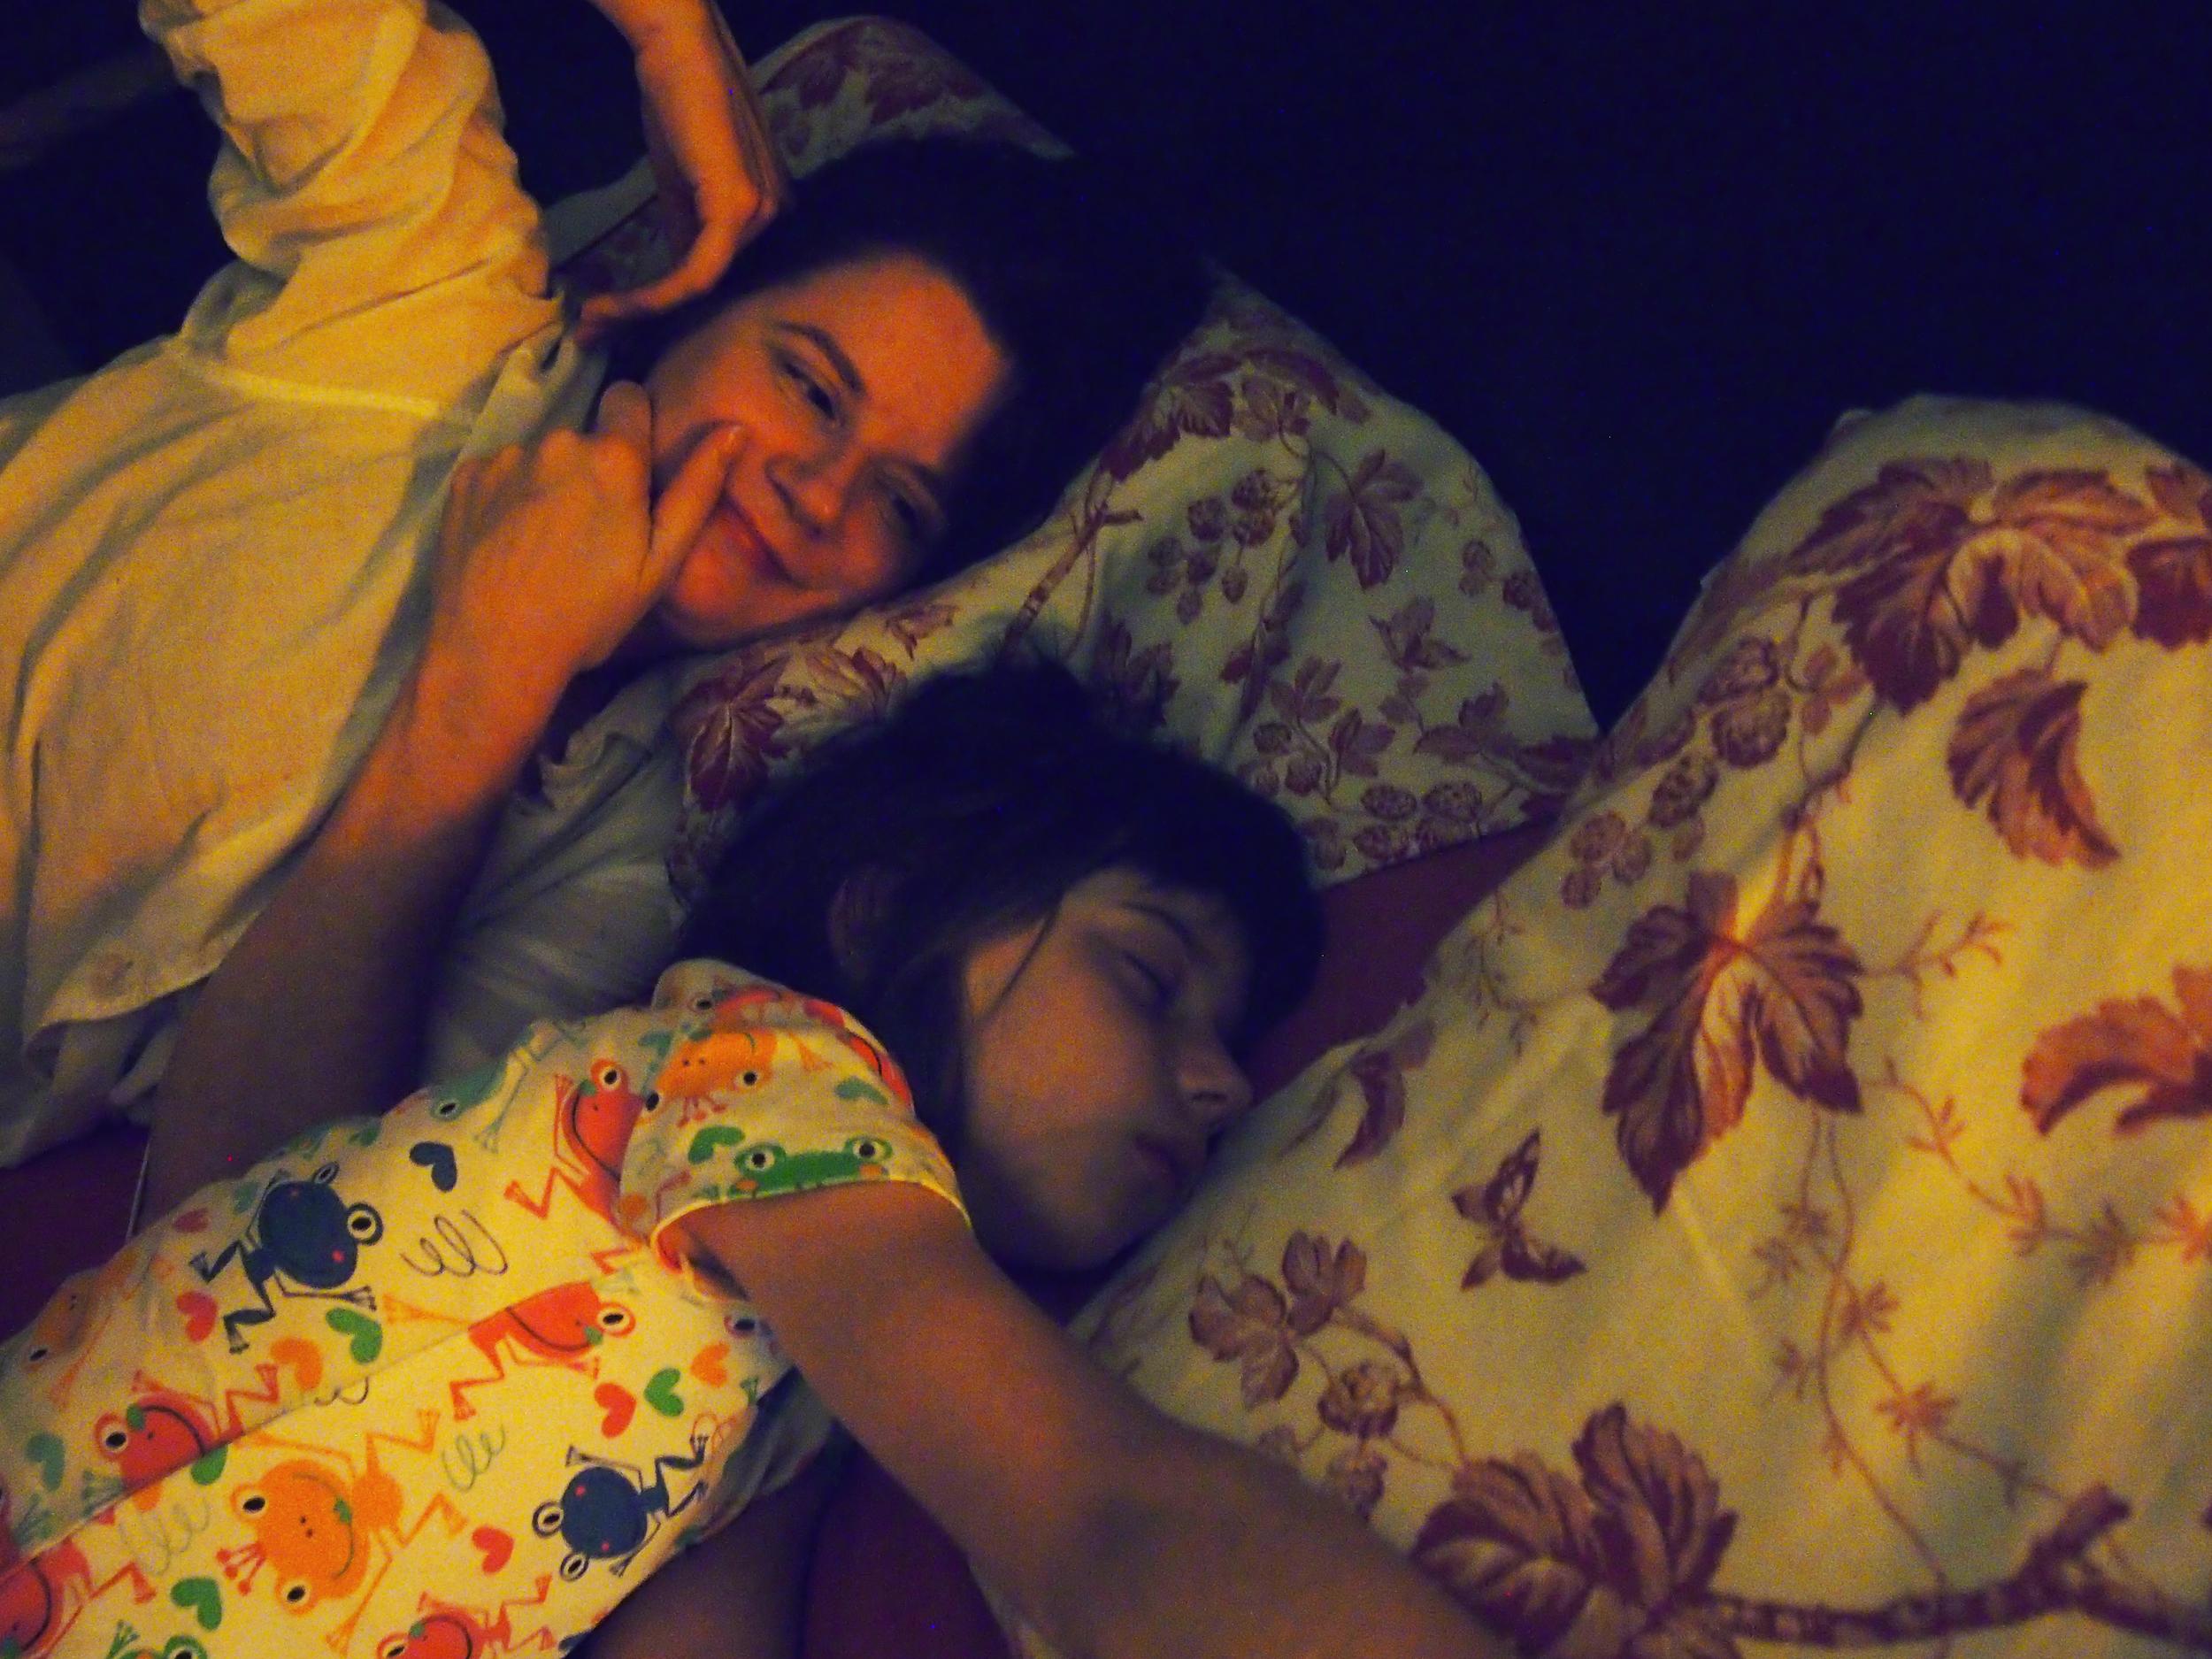 Andsadiesleeps.jpg